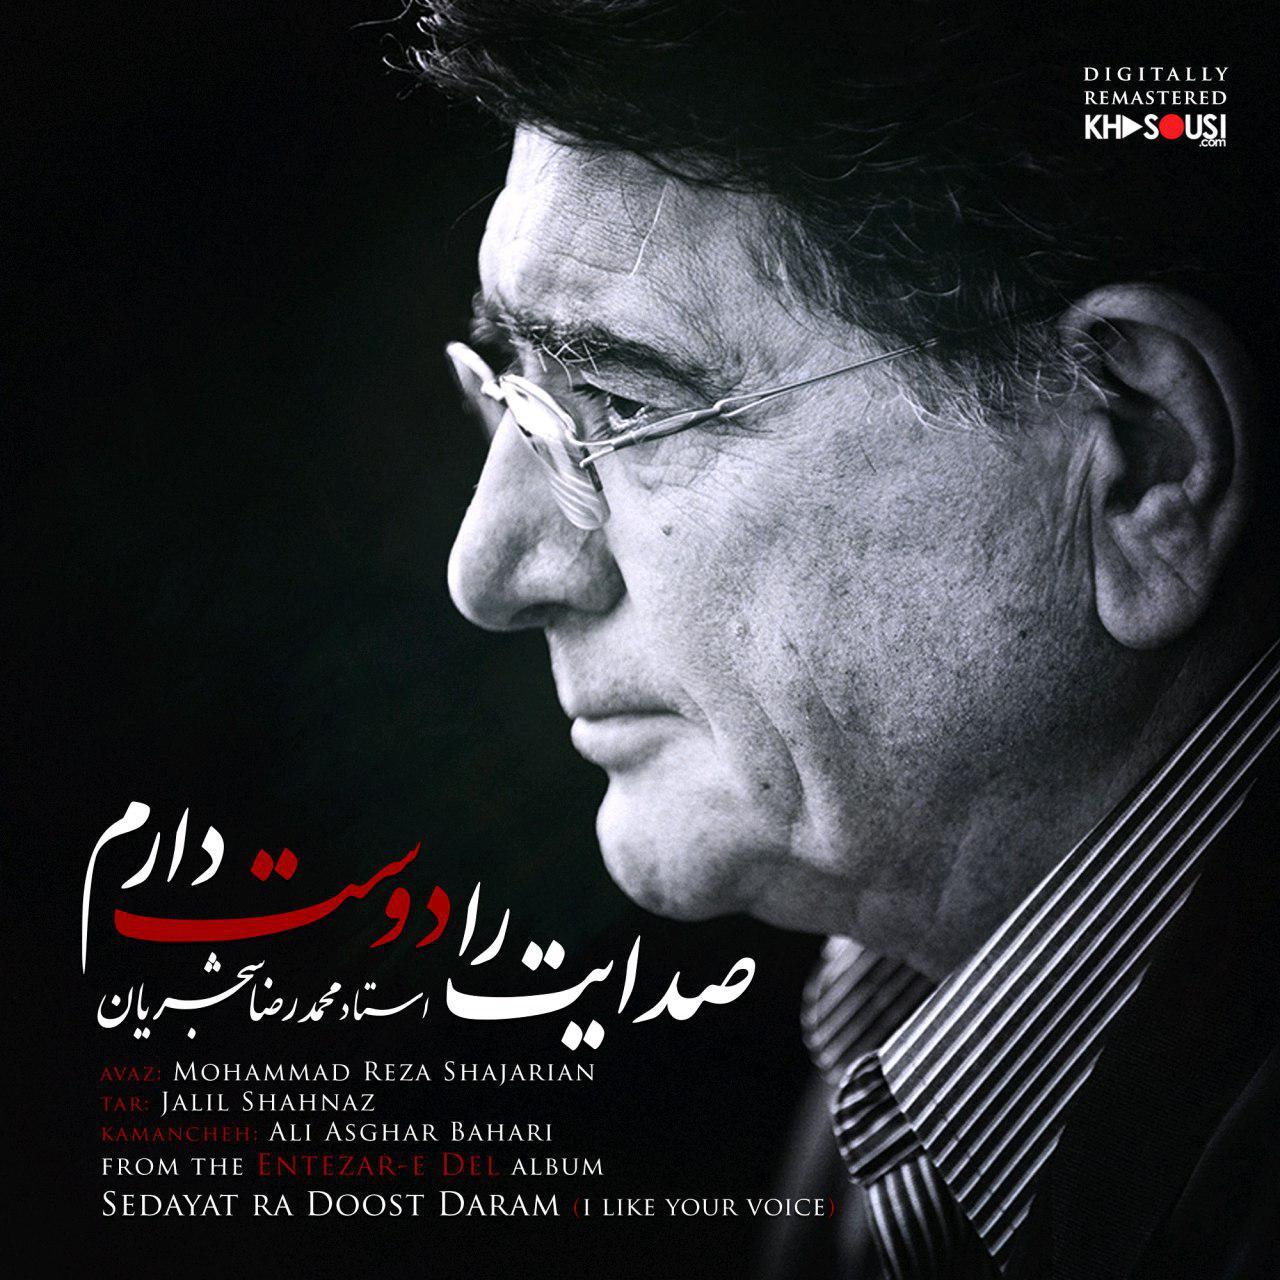 صدایت را دوست دارم (آواز افشاری) - محمدرضا شجریان، جلیل شهناز و علیاصغر بهاری